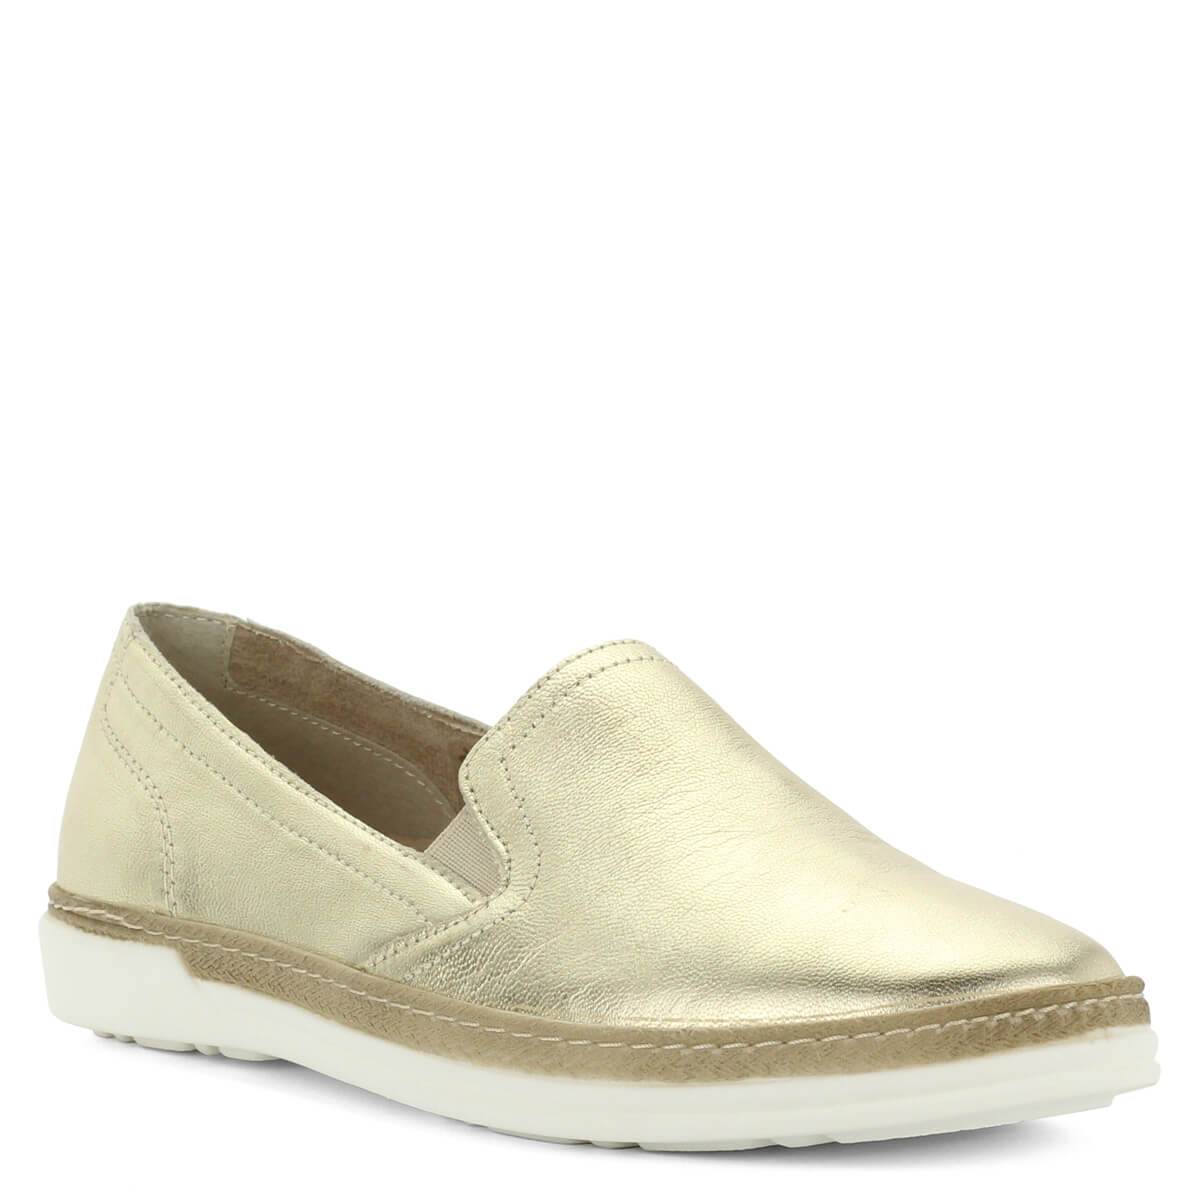 Aeros arany bőr slipon. Kényelmes olasz gyártású, bőrből készült könnyű női cipő. - ChiX Női Cipő Webáruház